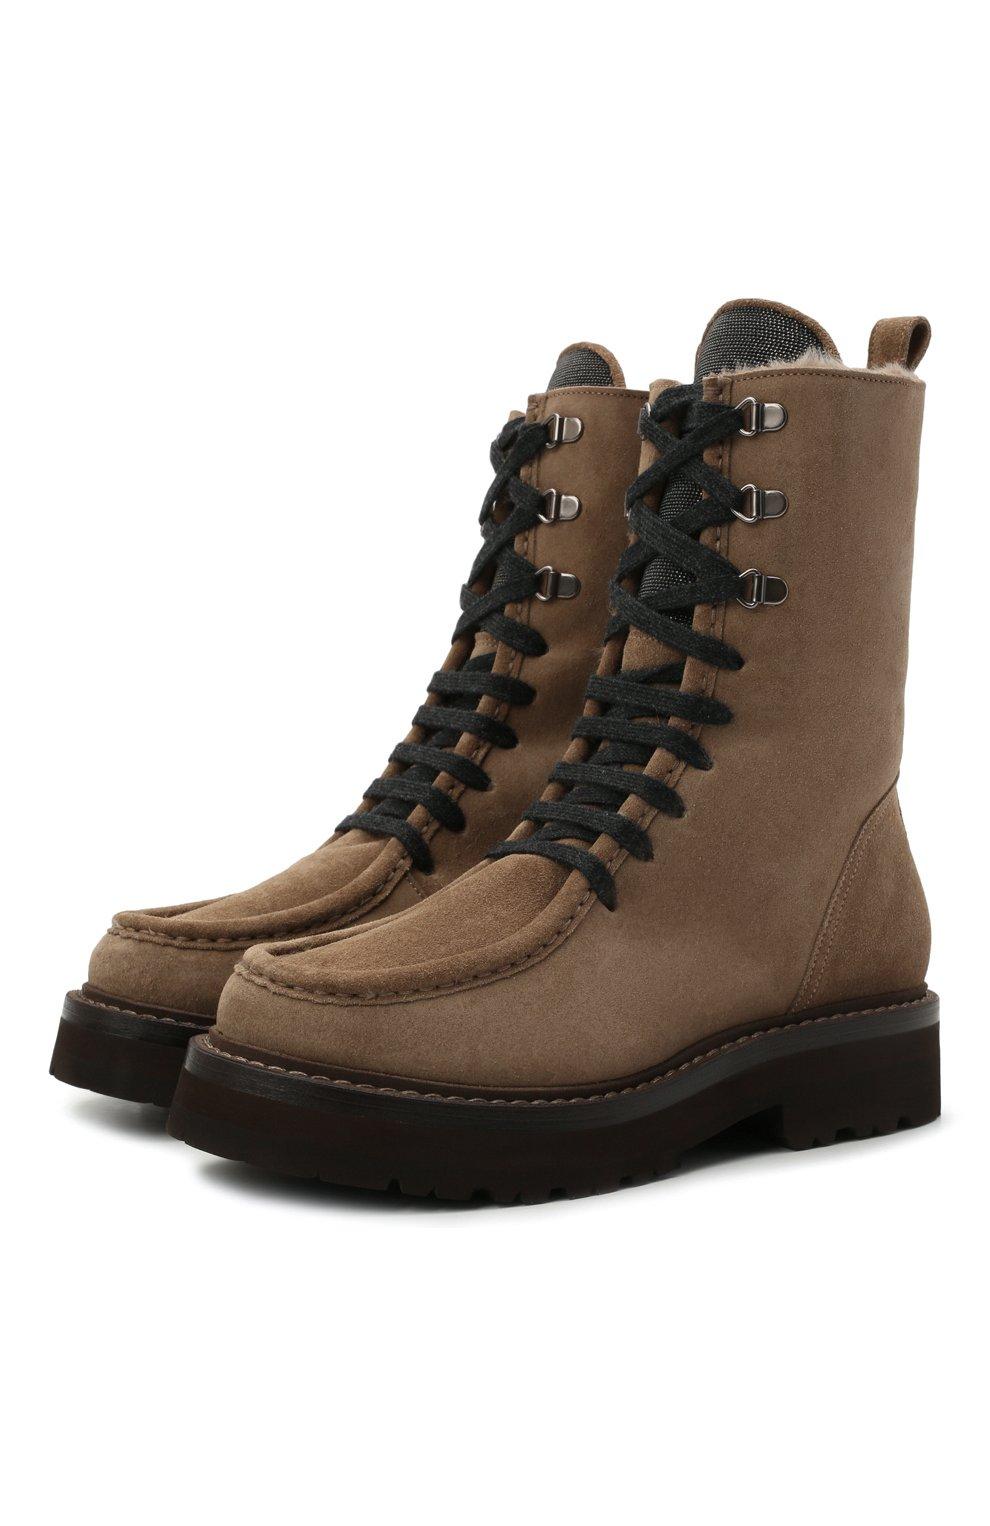 Женские замшевые ботинки BRUNELLO CUCINELLI коричневого цвета, арт. MZSFG2114 | Фото 1 (Подошва: Платформа; Материал утеплителя: Натуральный мех; Каблук высота: Низкий; Женское Кросс-КТ: Военные ботинки, Зимние ботинки; Материал внешний: Замша)